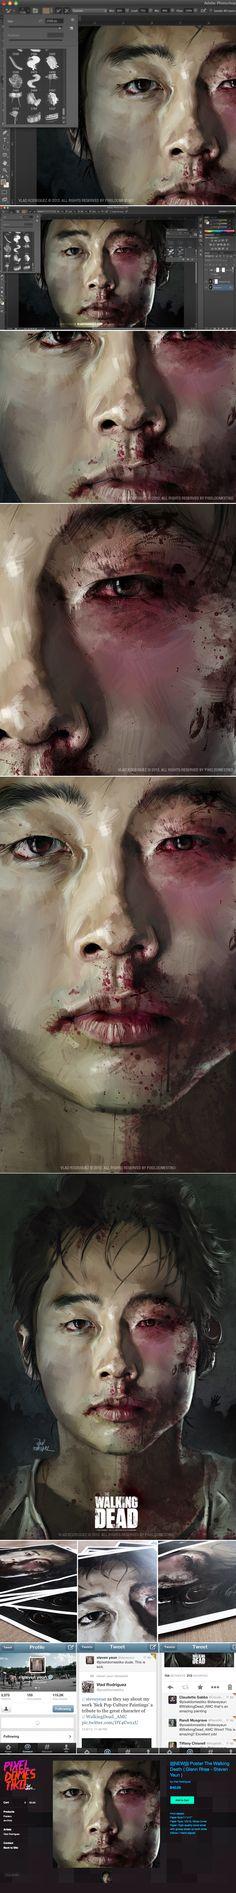 The Walking Dead (Glenn Rhee) by Vlad Rodriguez, via Behance